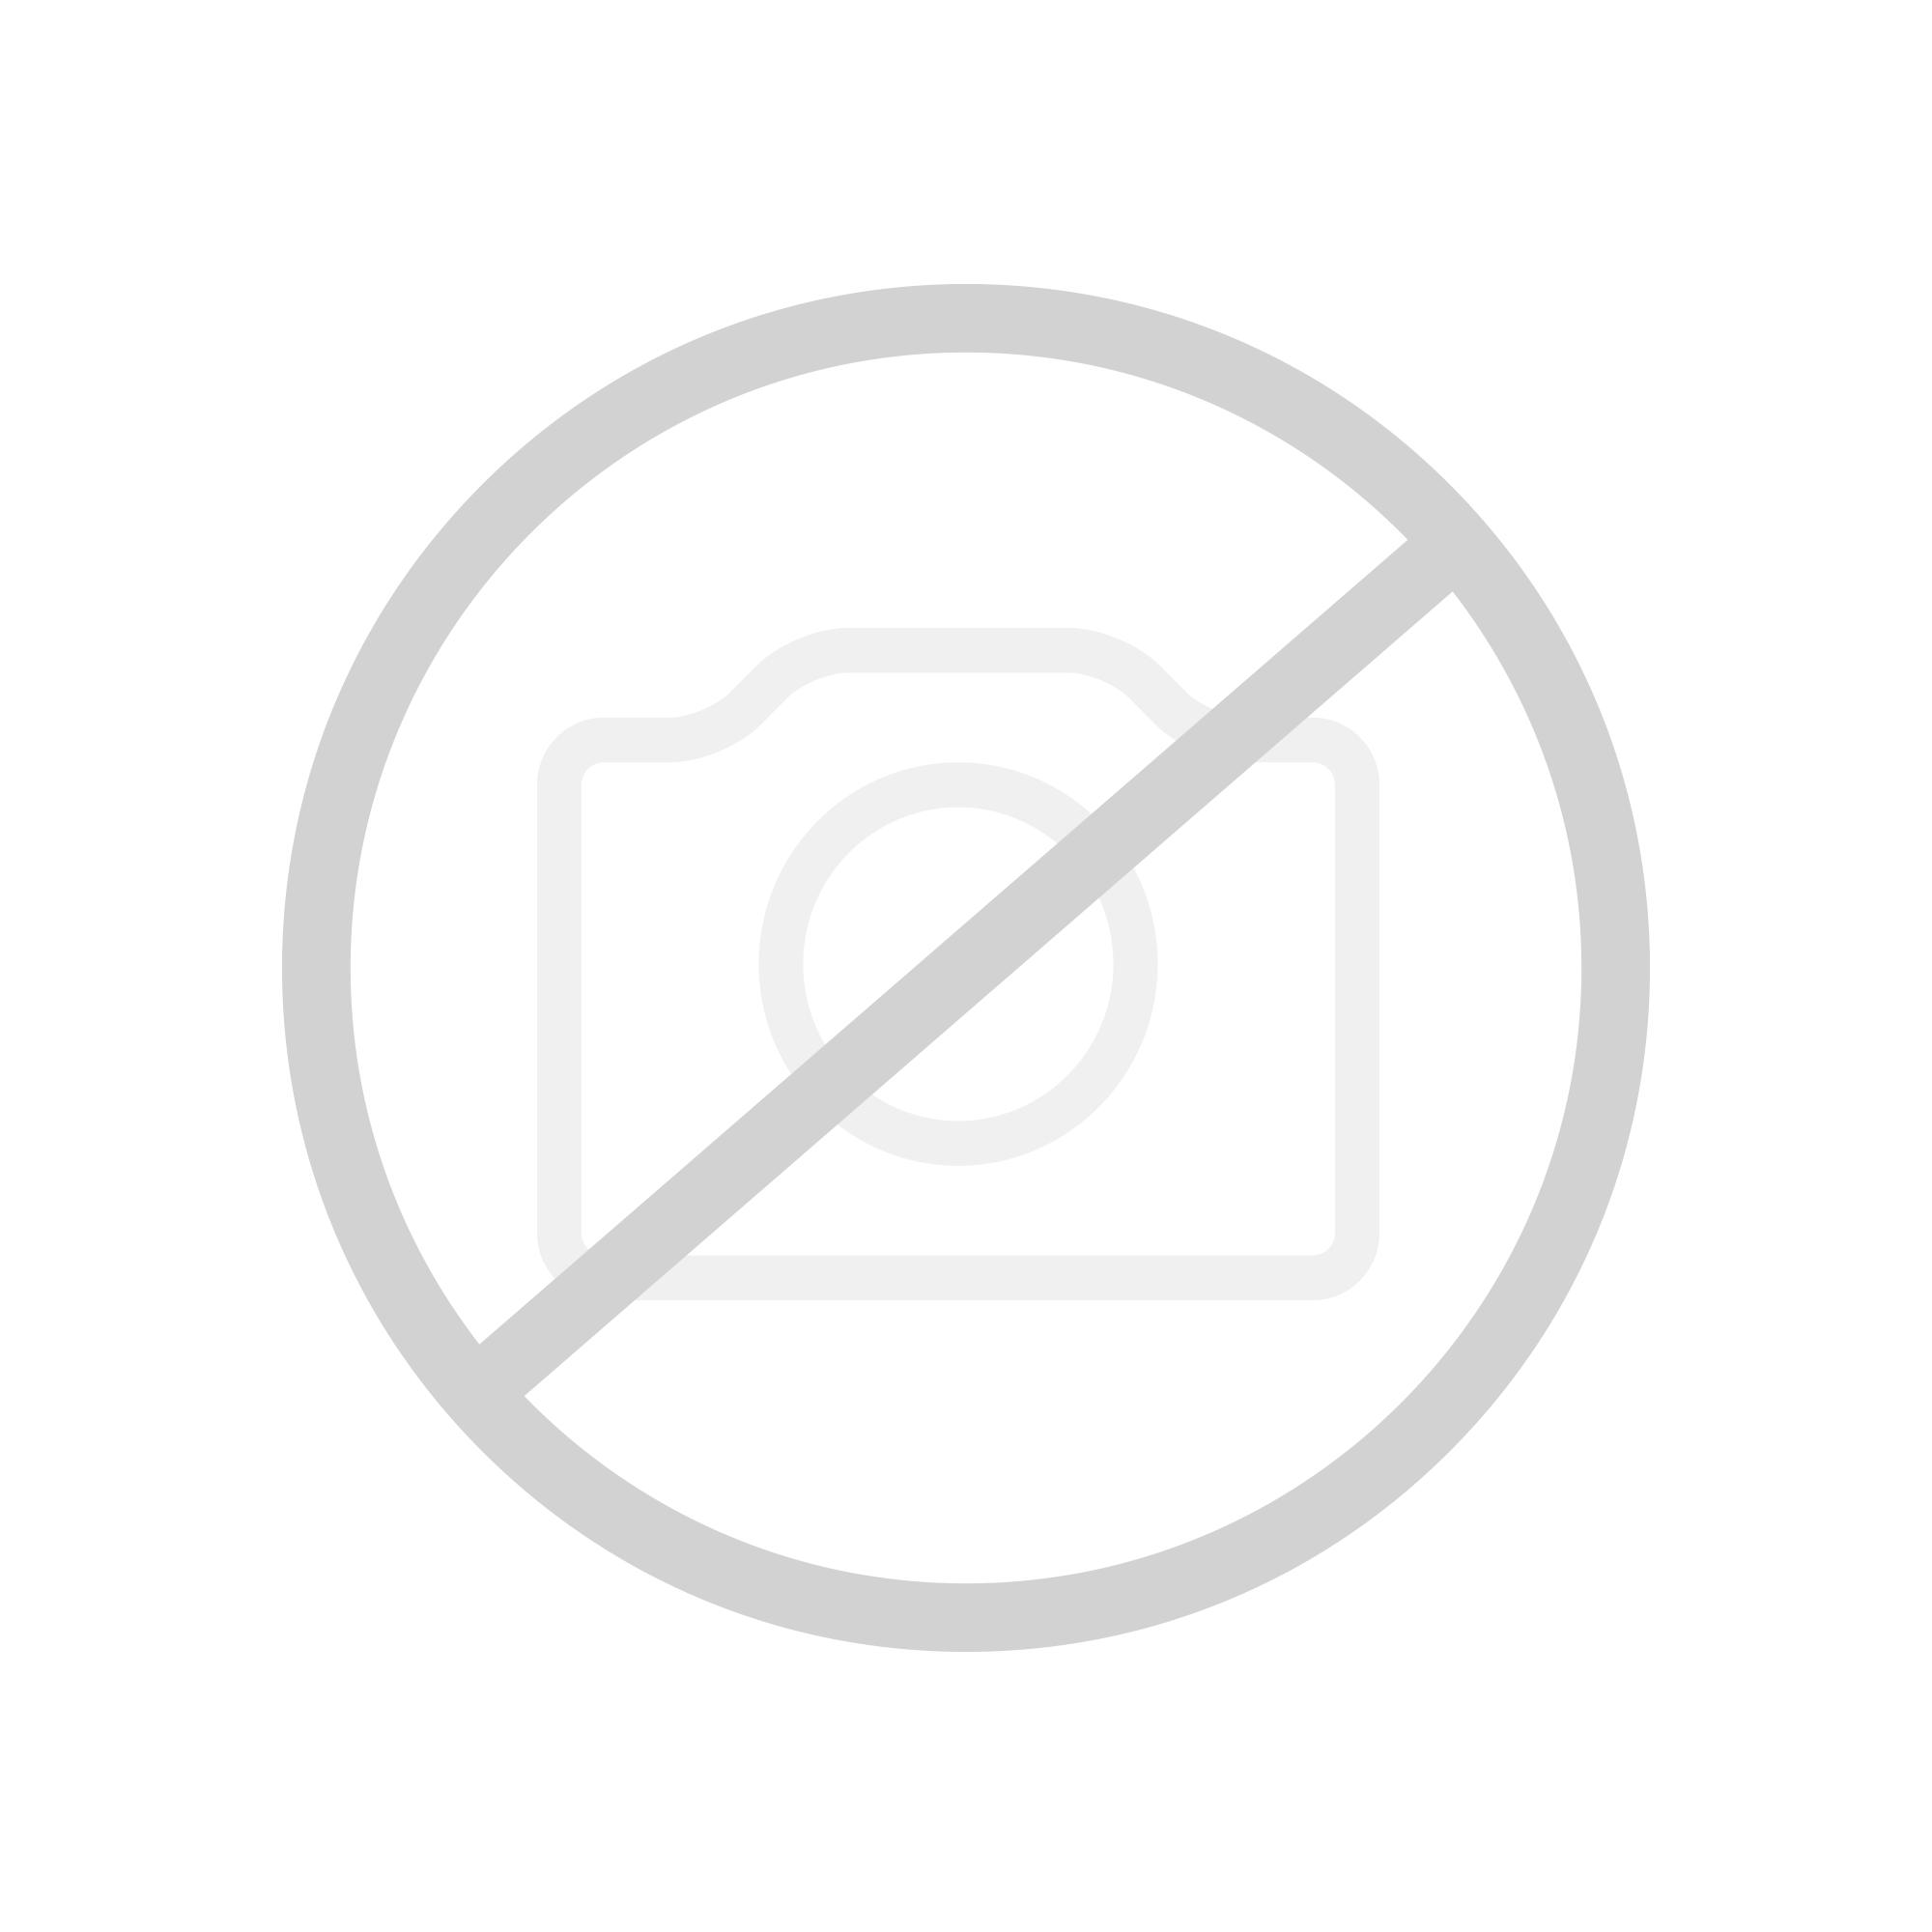 Ideal Standard Unterputz-Bausatz 1 EASY-Box für Bade-/Brausearmatur u. Einzelthermostat